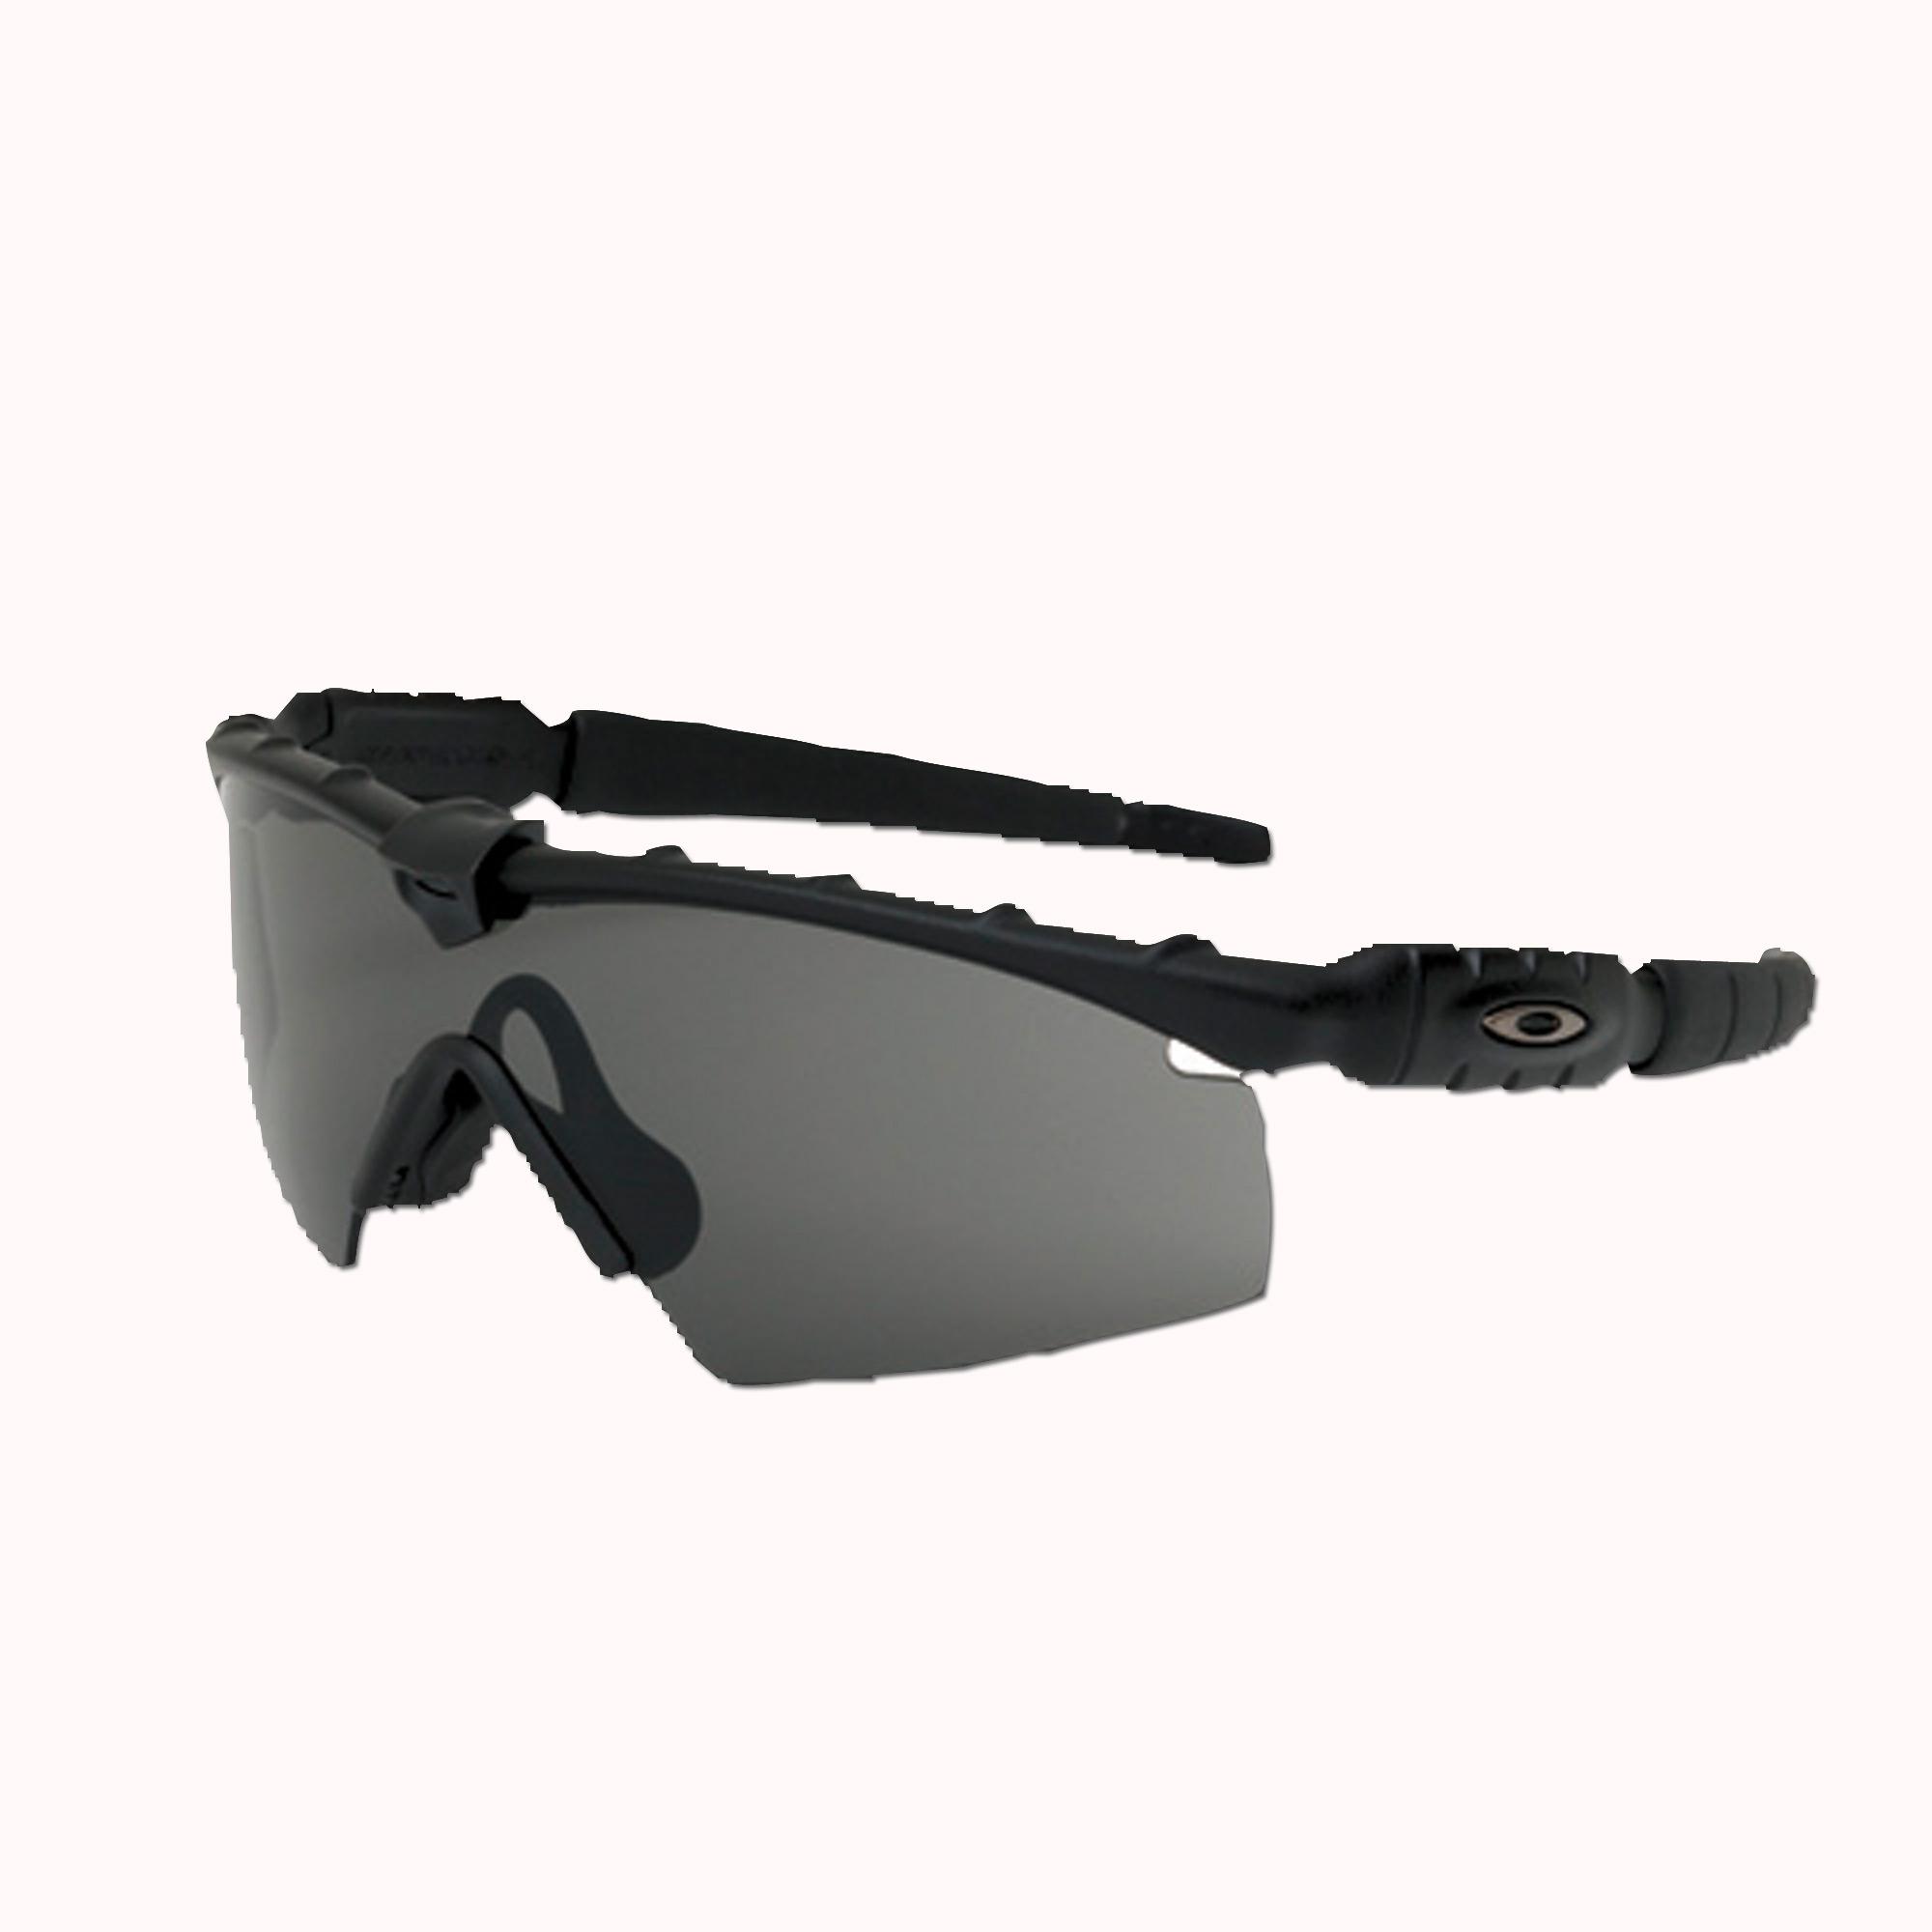 Gafas de sol Oakley M-Frame 2.0 Strike black/grey | Gafas de sol ...